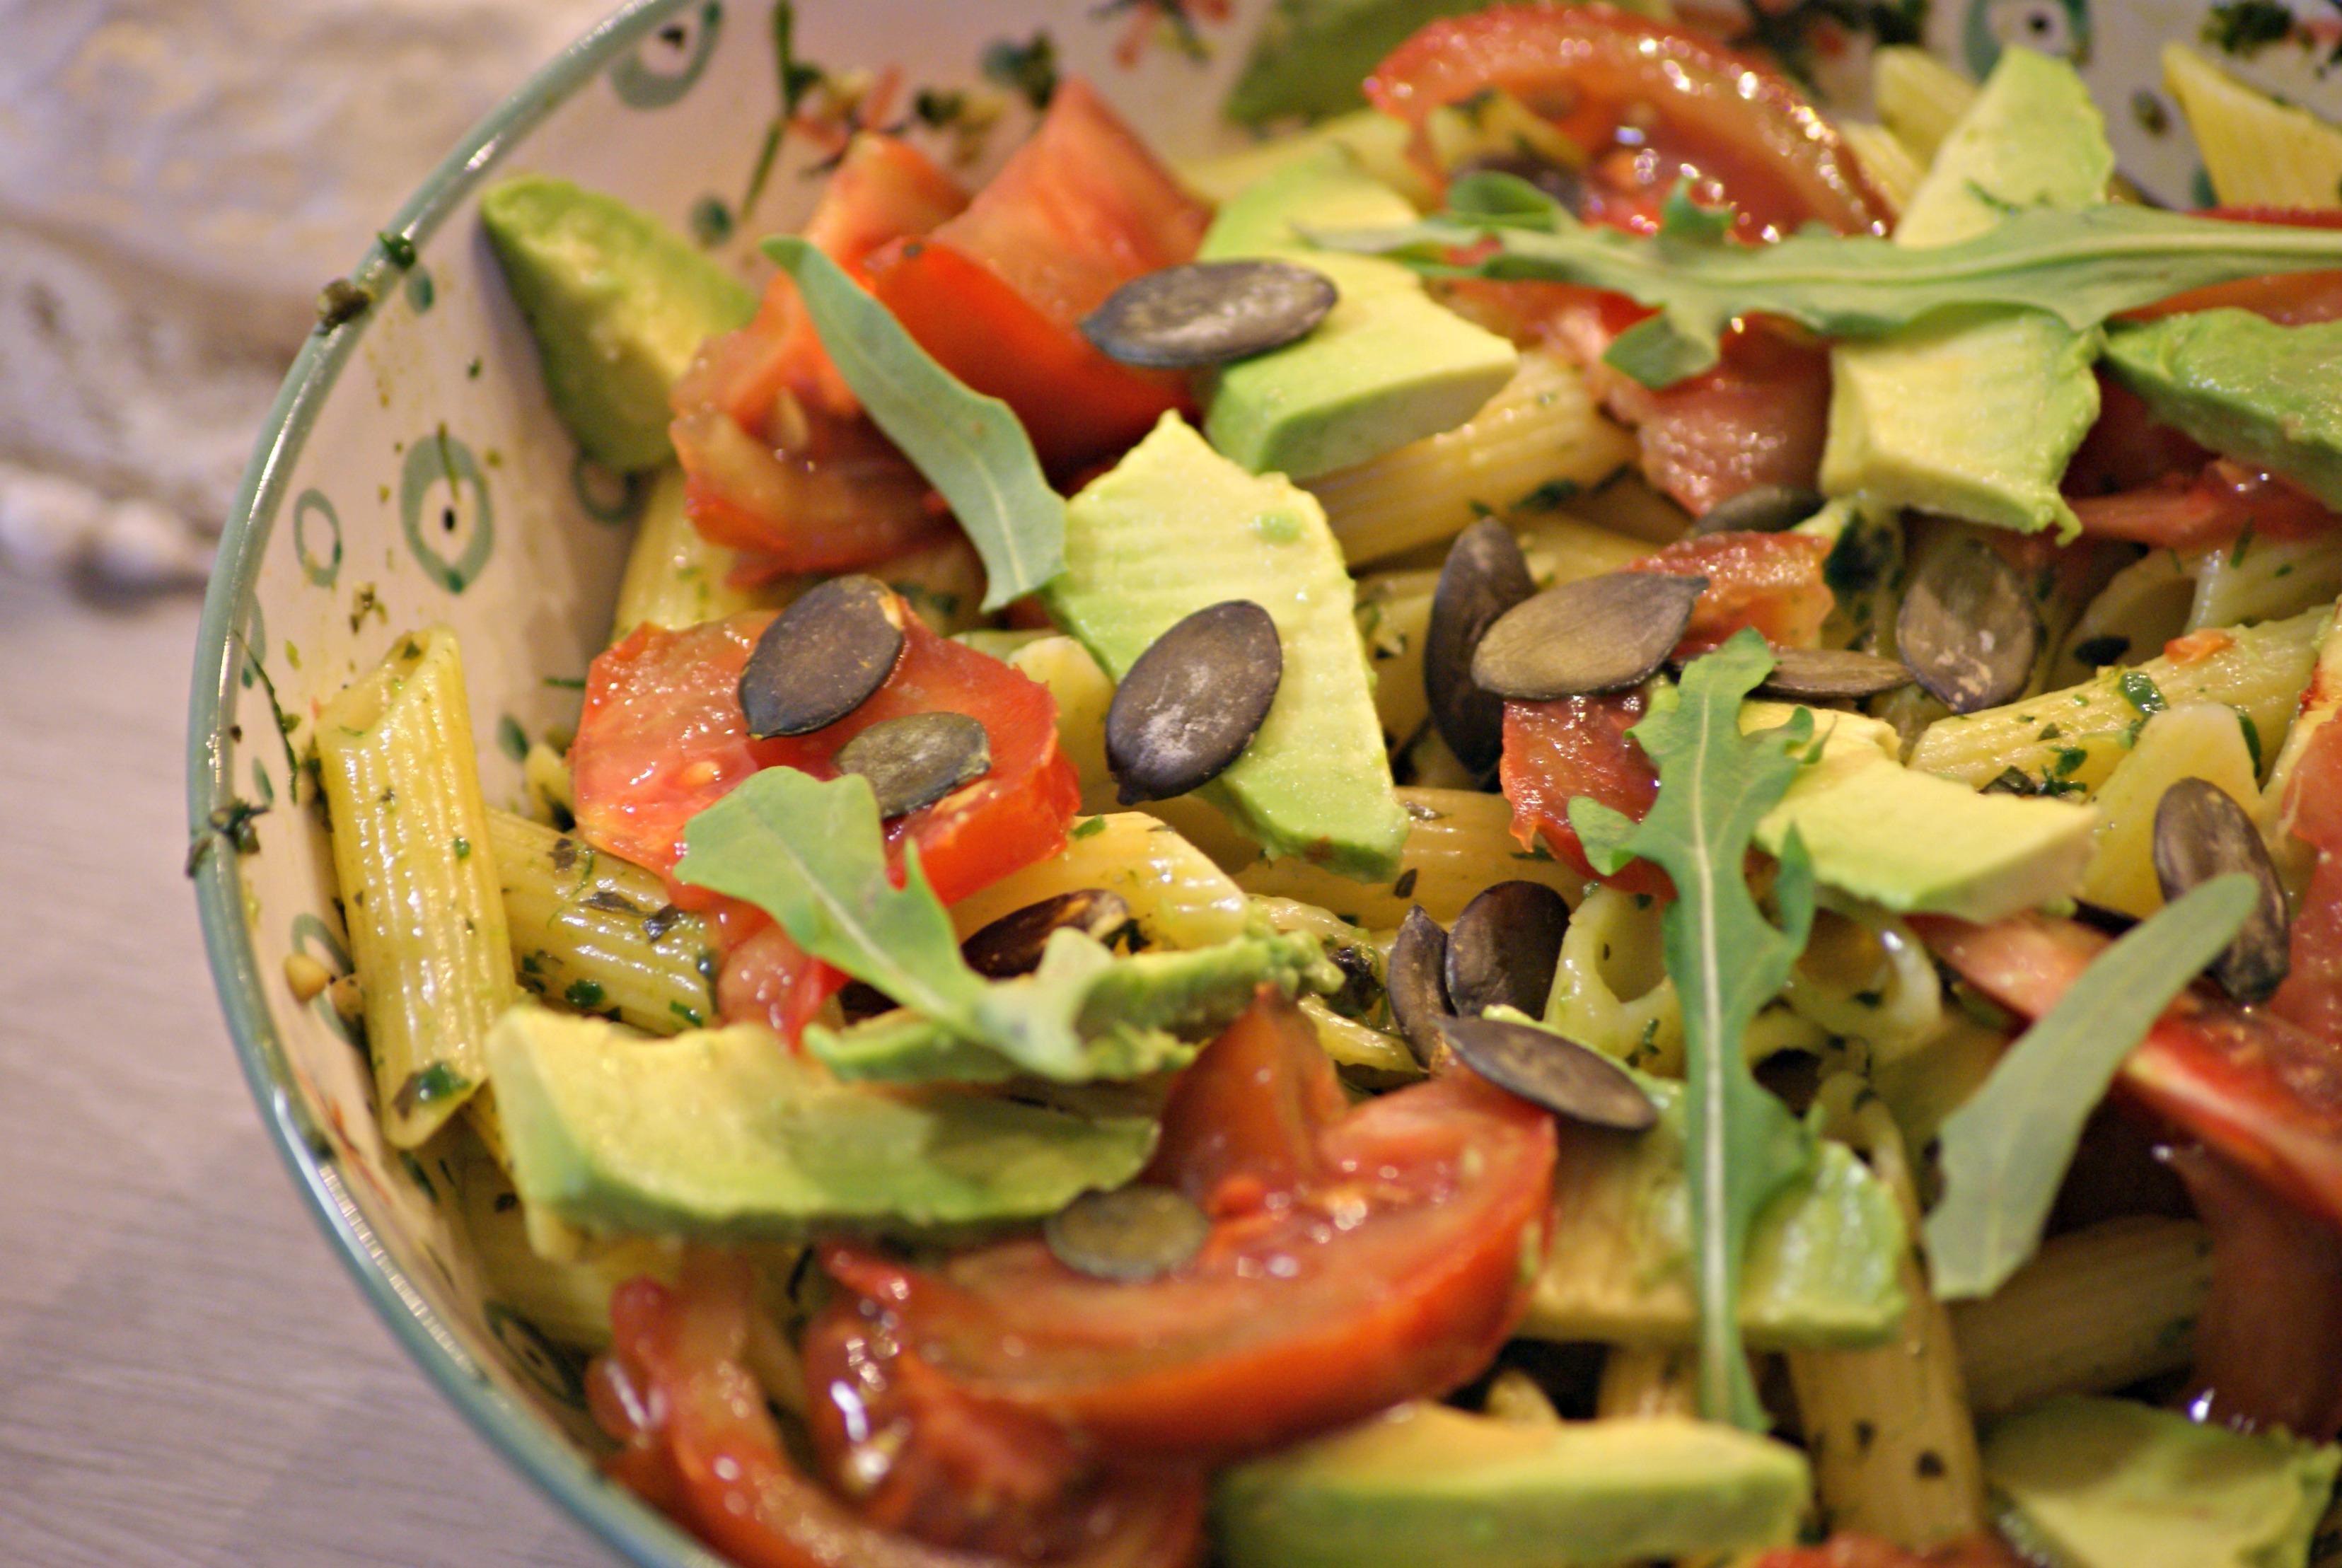 Salade de pâtes au pesto, avocat, tomates et graines de courge - Salade Pates Pesto